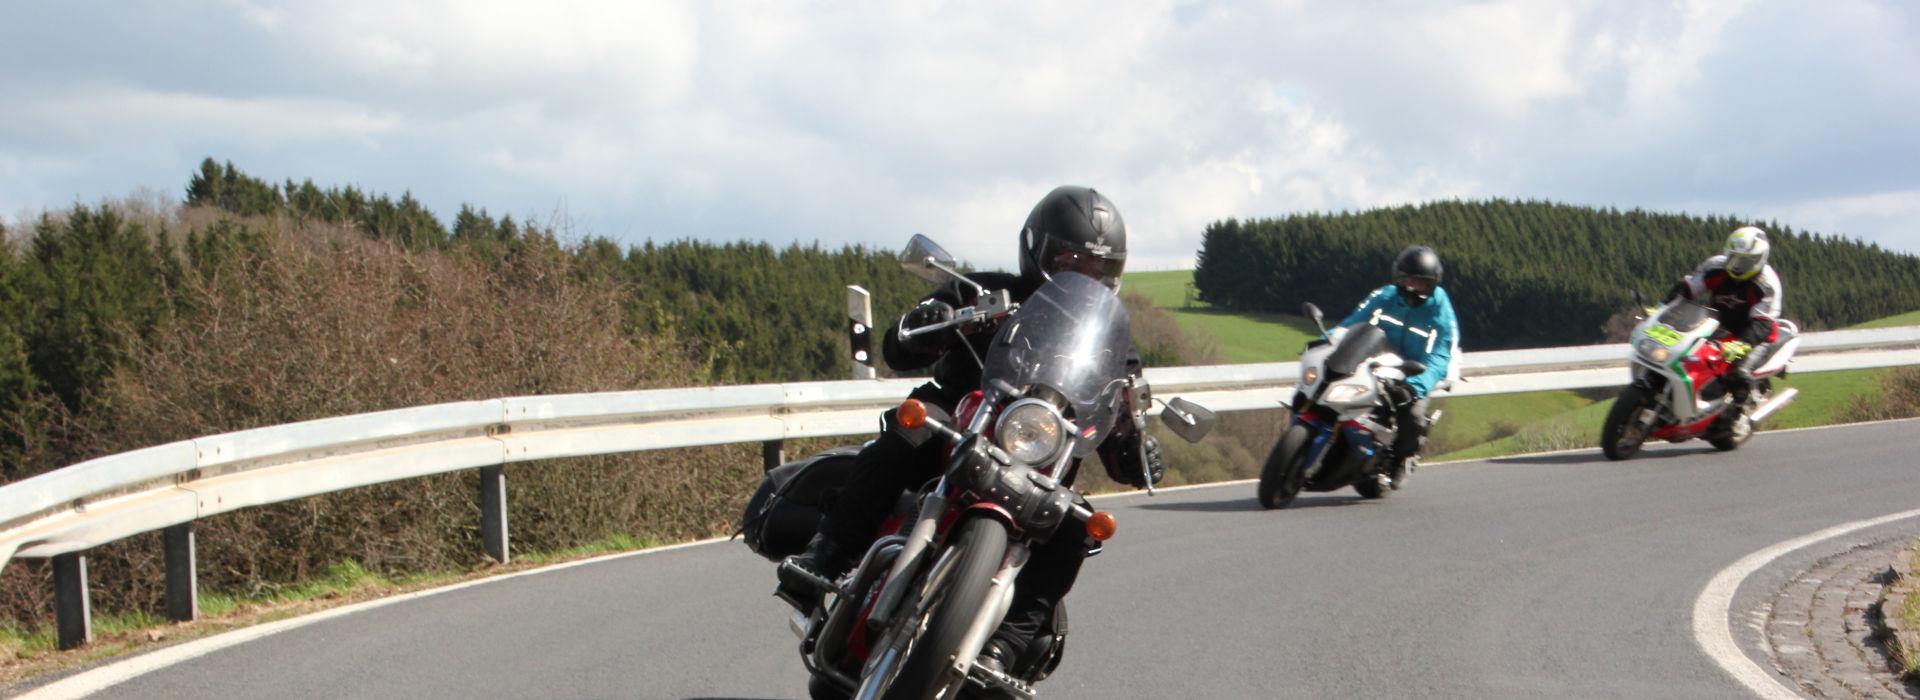 Motorrijschool Motorrijbewijspoint s-Gravenzande motorrijlessen